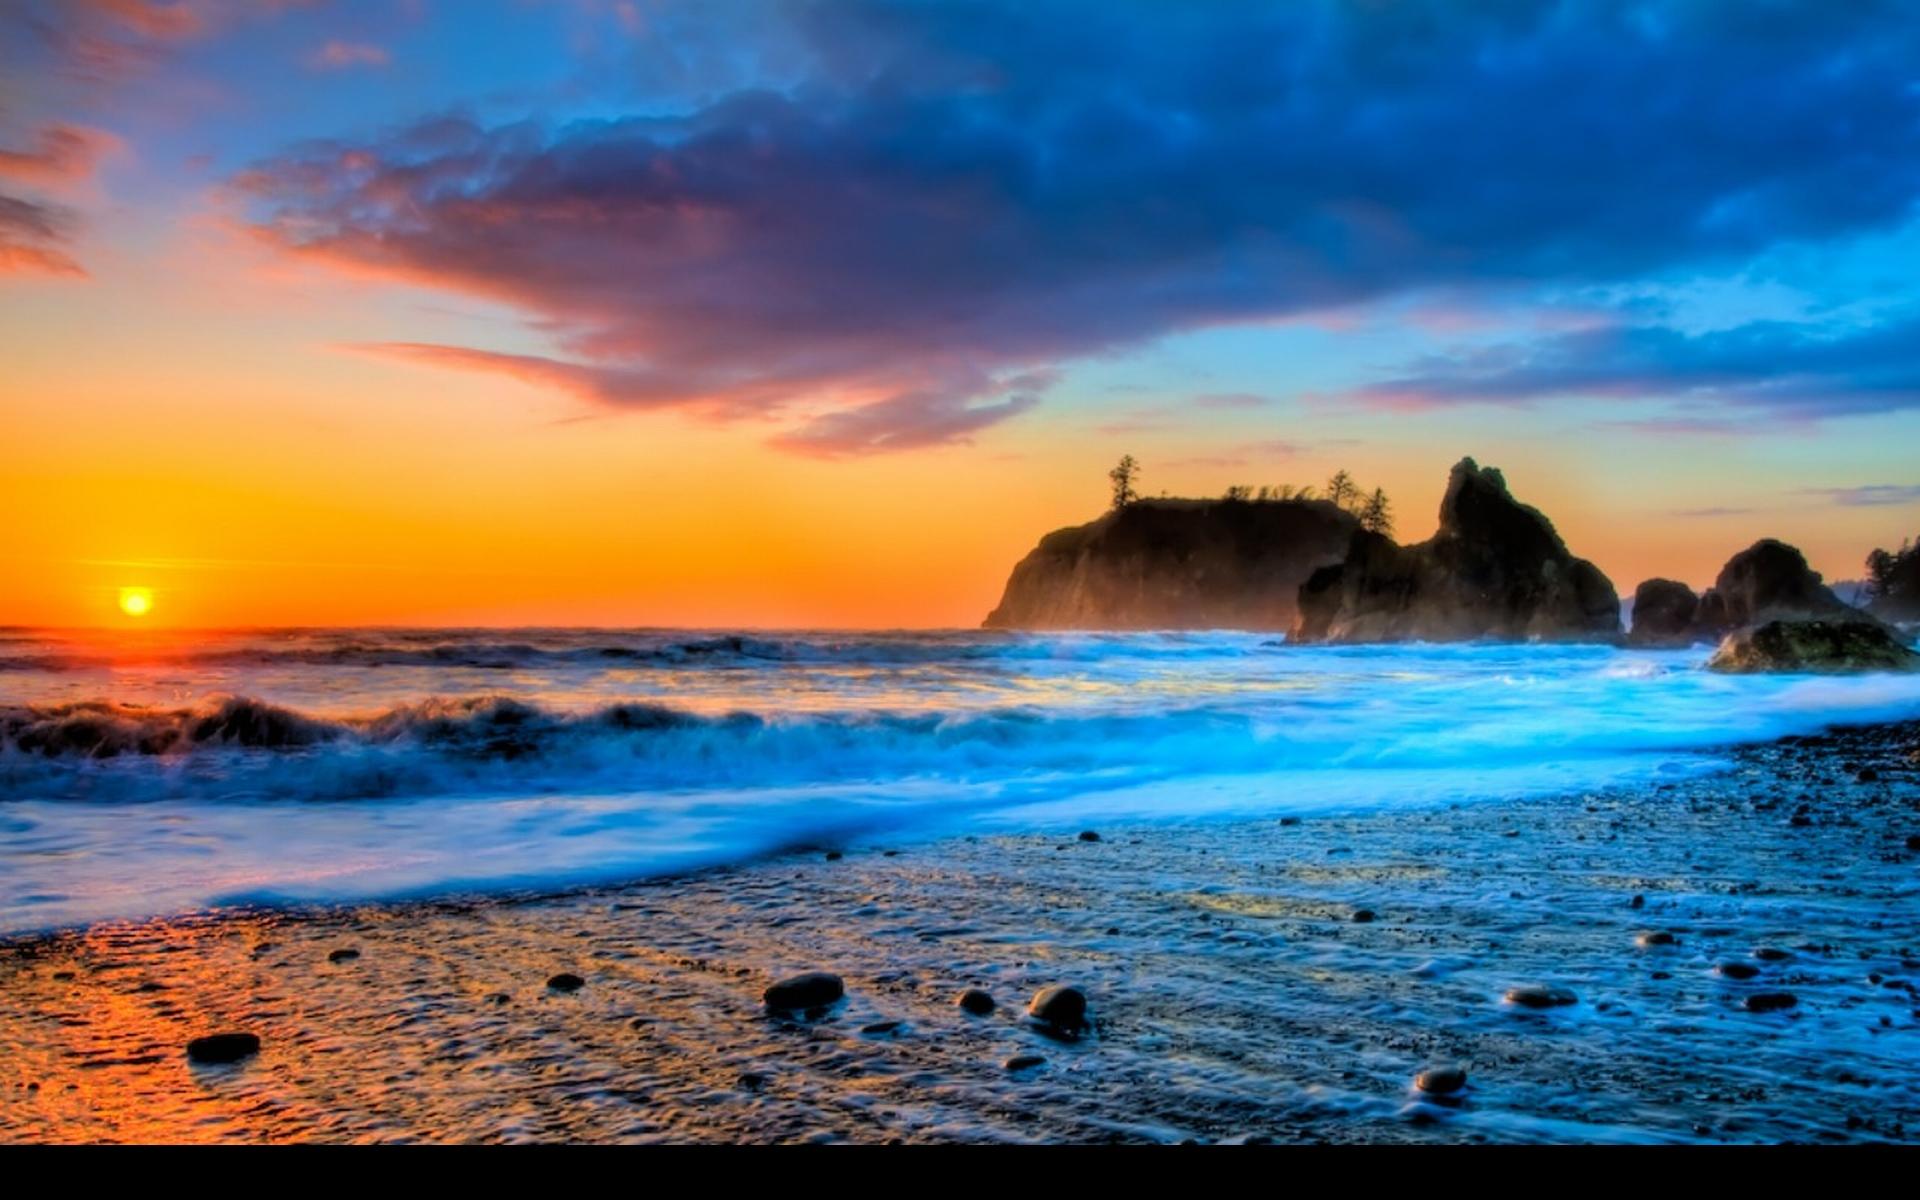 Beach Sunset Wallpaper Download 2342 Wallpaper Cool 1920x1200